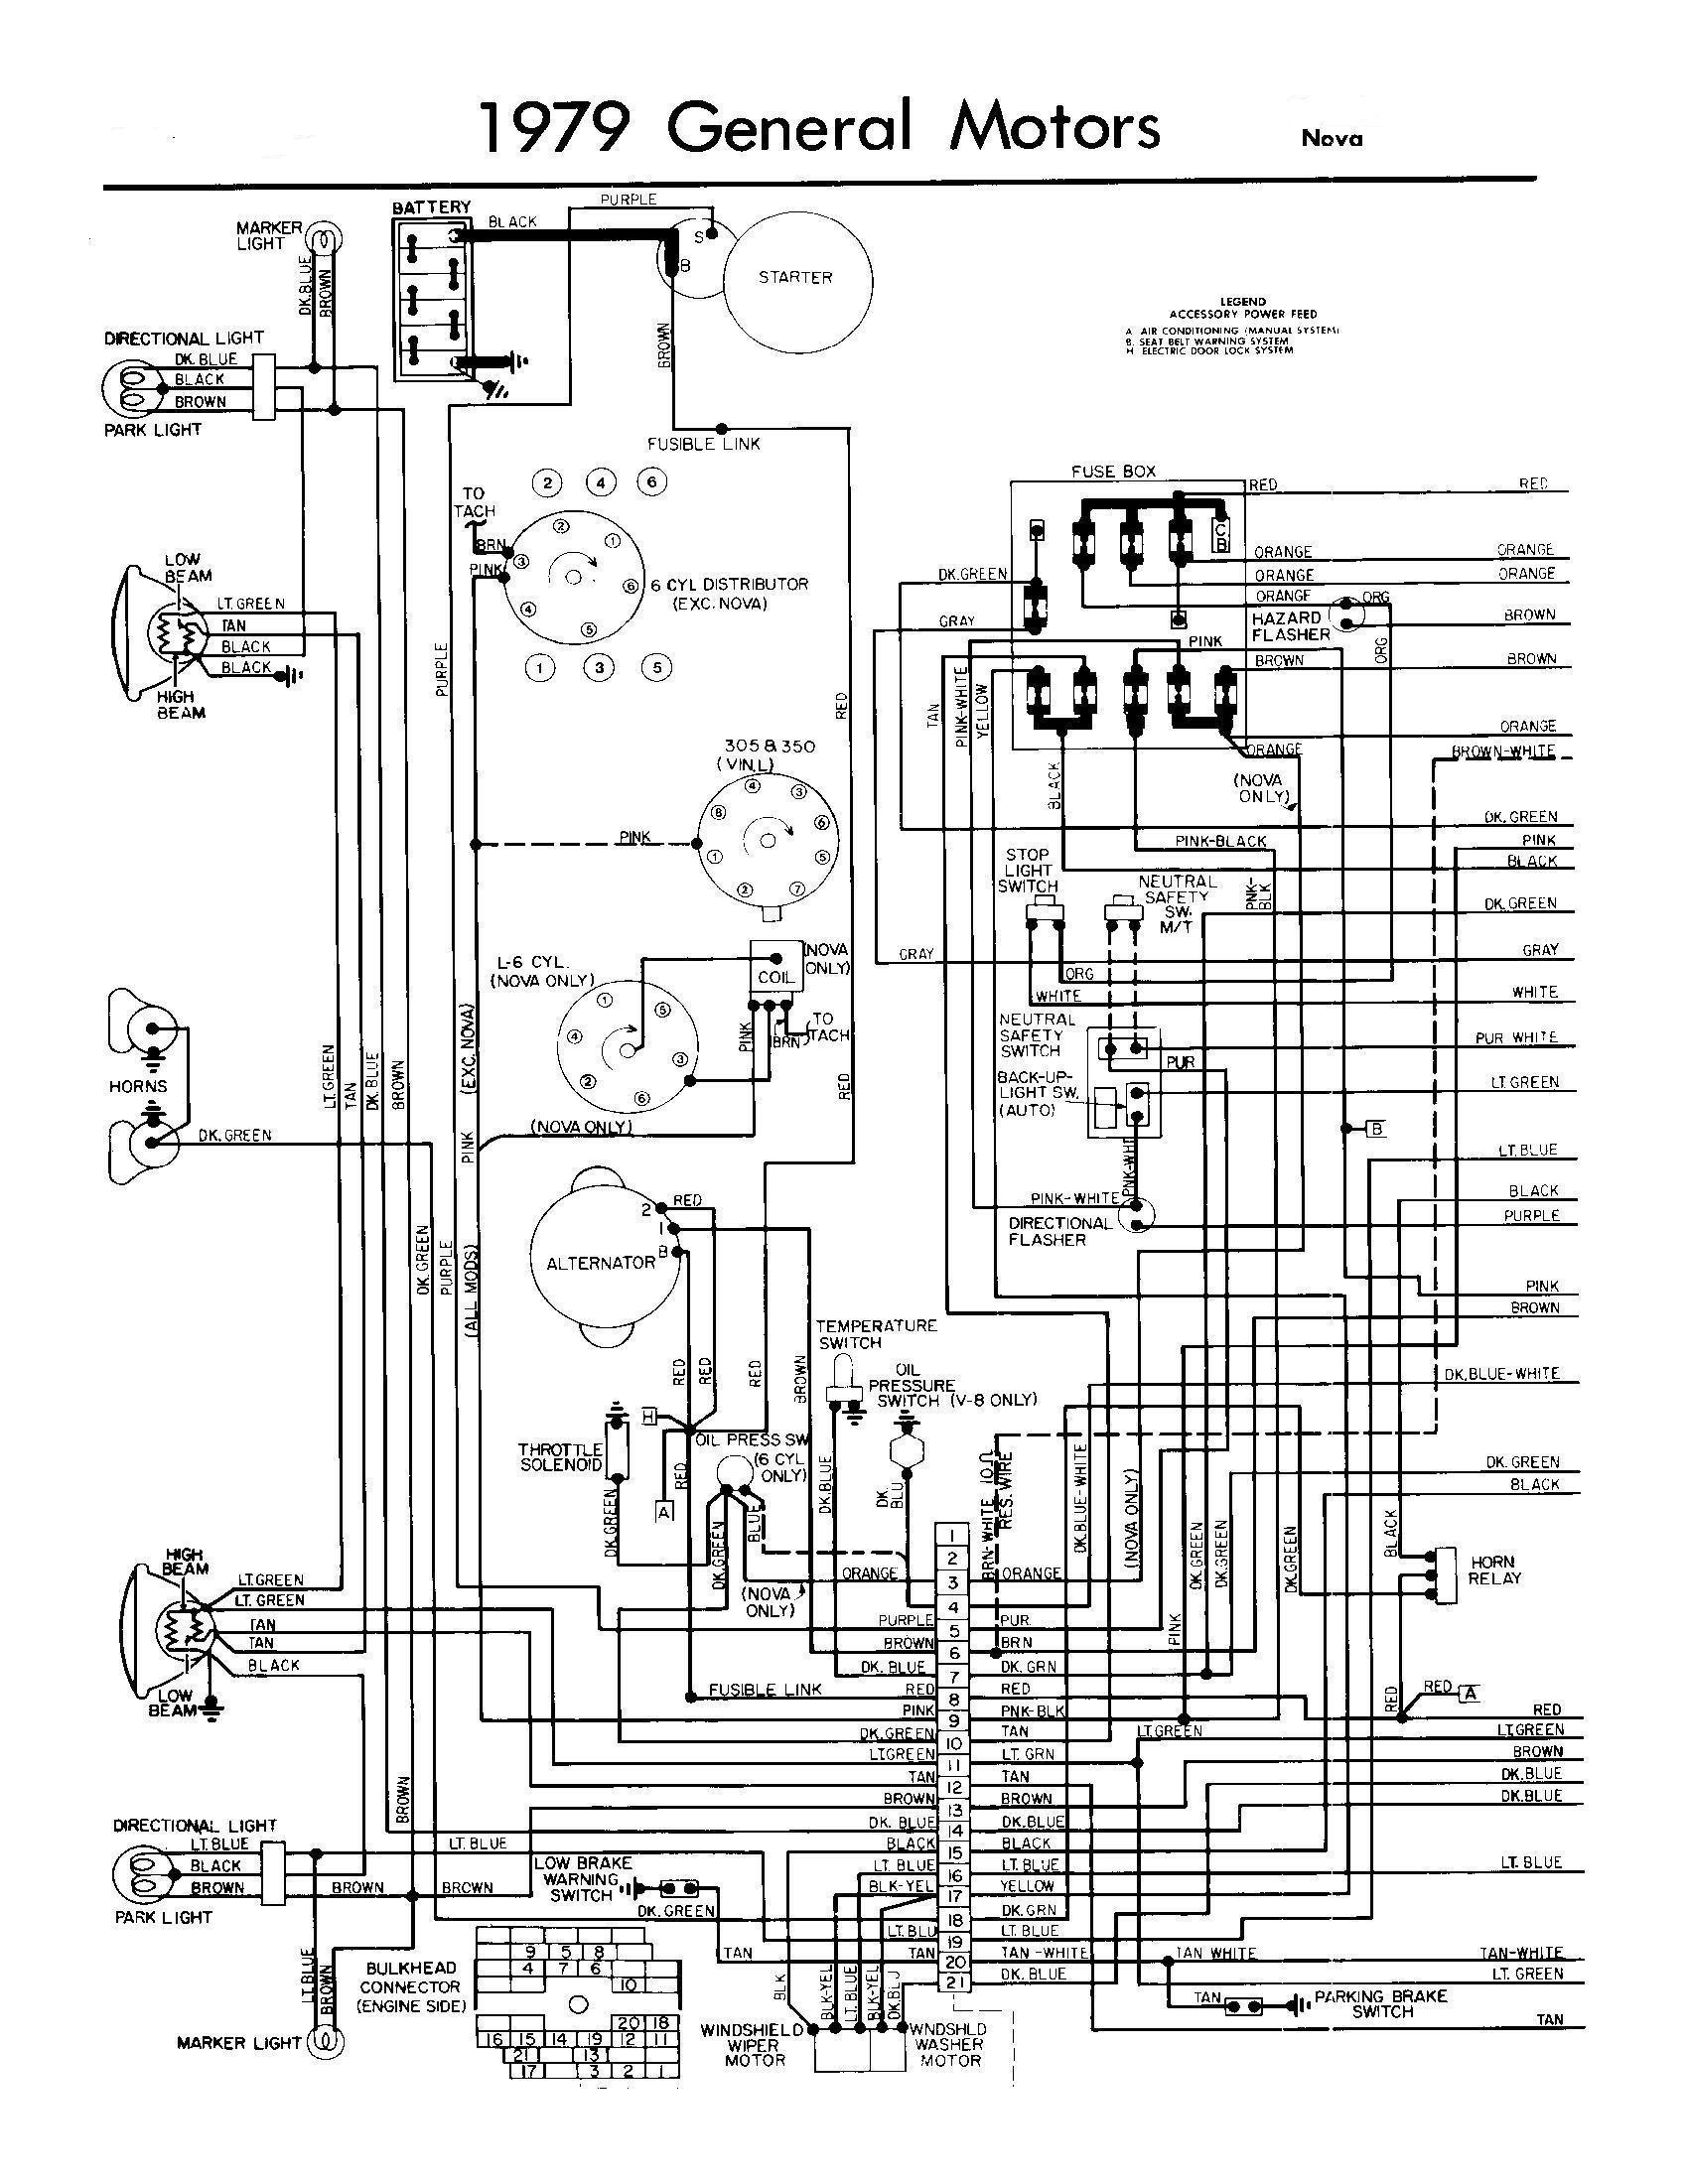 Truck Wiring Diagrams All Generation Wiring Schematics Chevy Nova forum